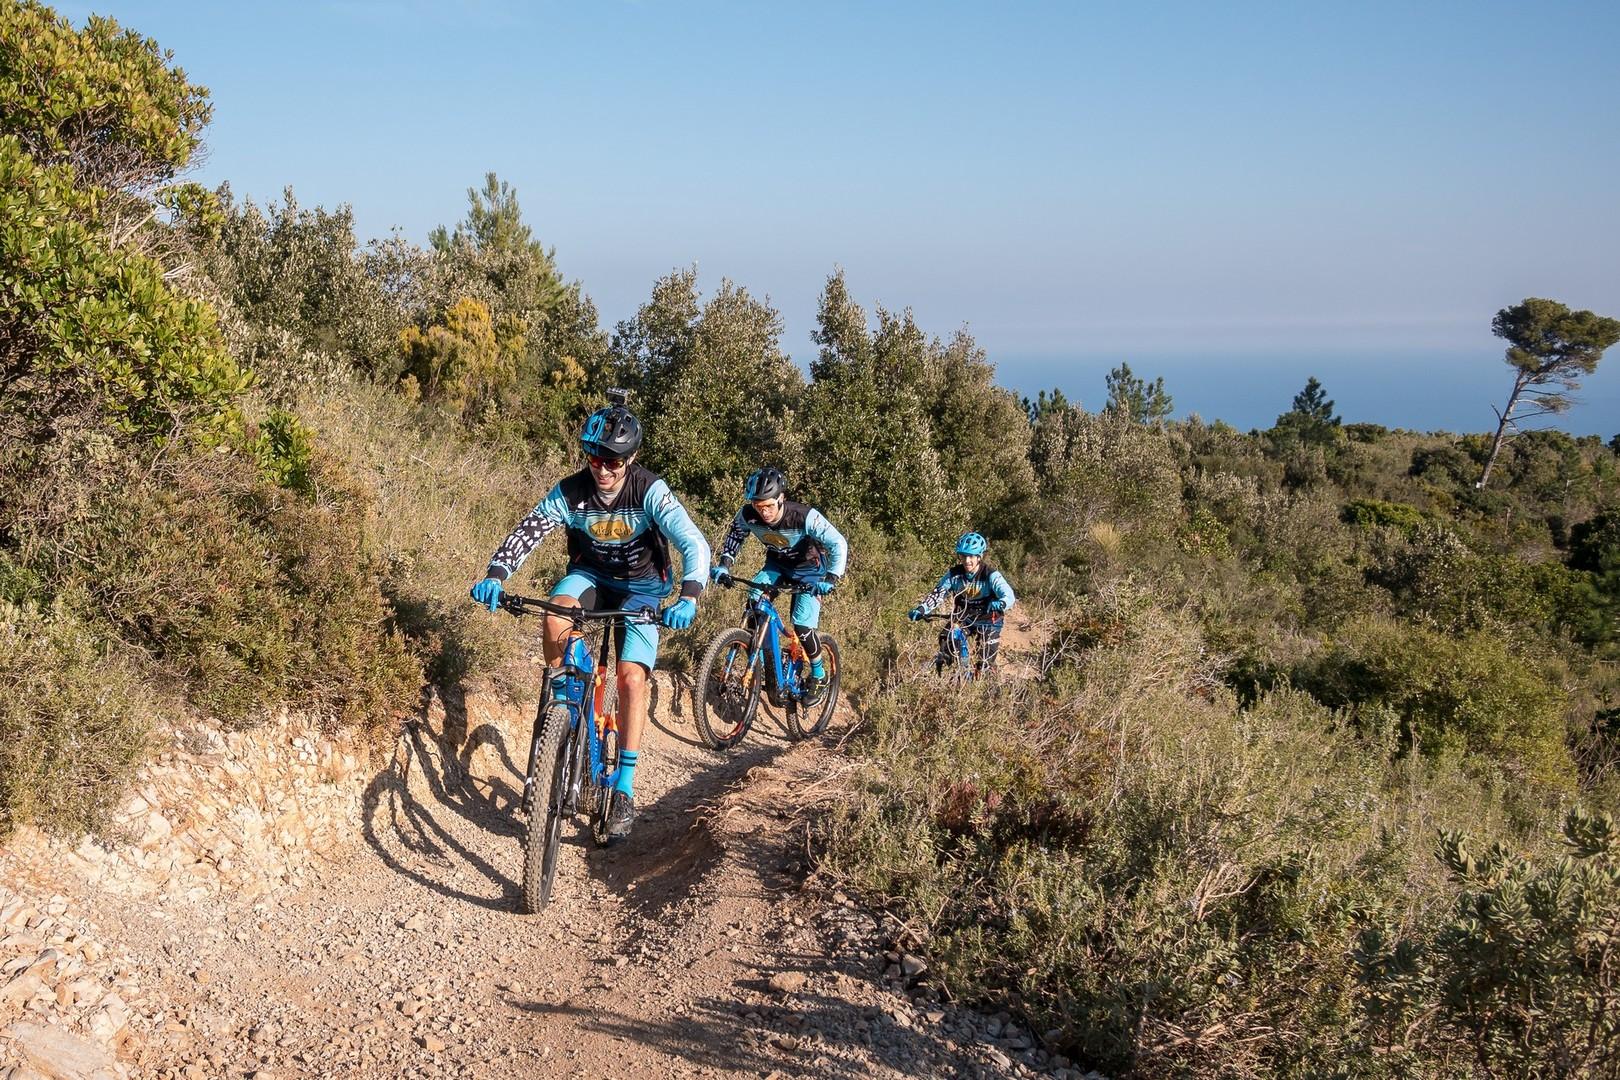 Vittorio Gambirasio, Tommaso Francerdo e Guglielmo Abete sui trail di Finale Ligure